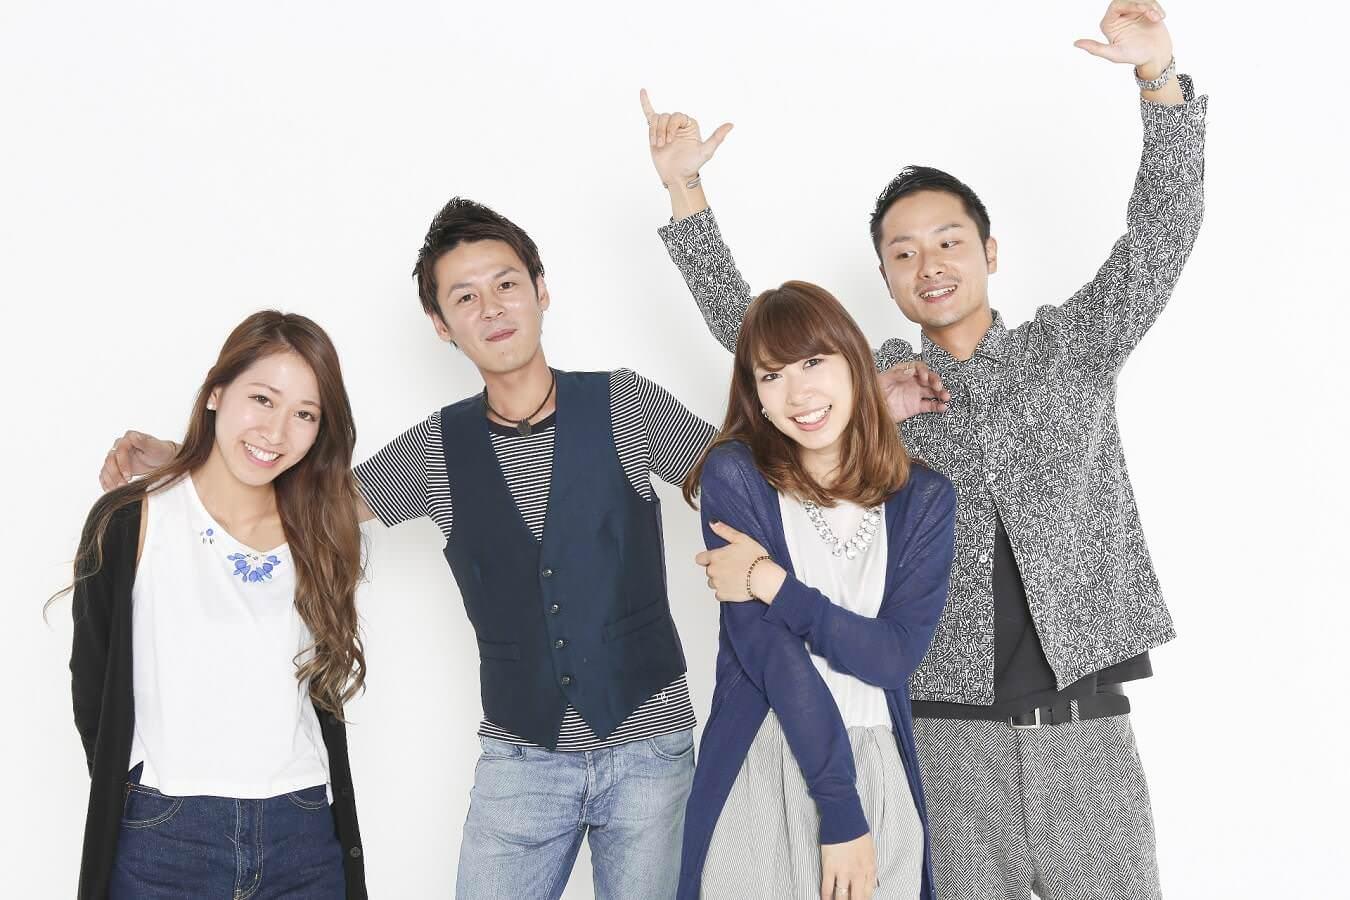 新入生や新社会人は必見!学校や会社での友達の作り方のコツ6選